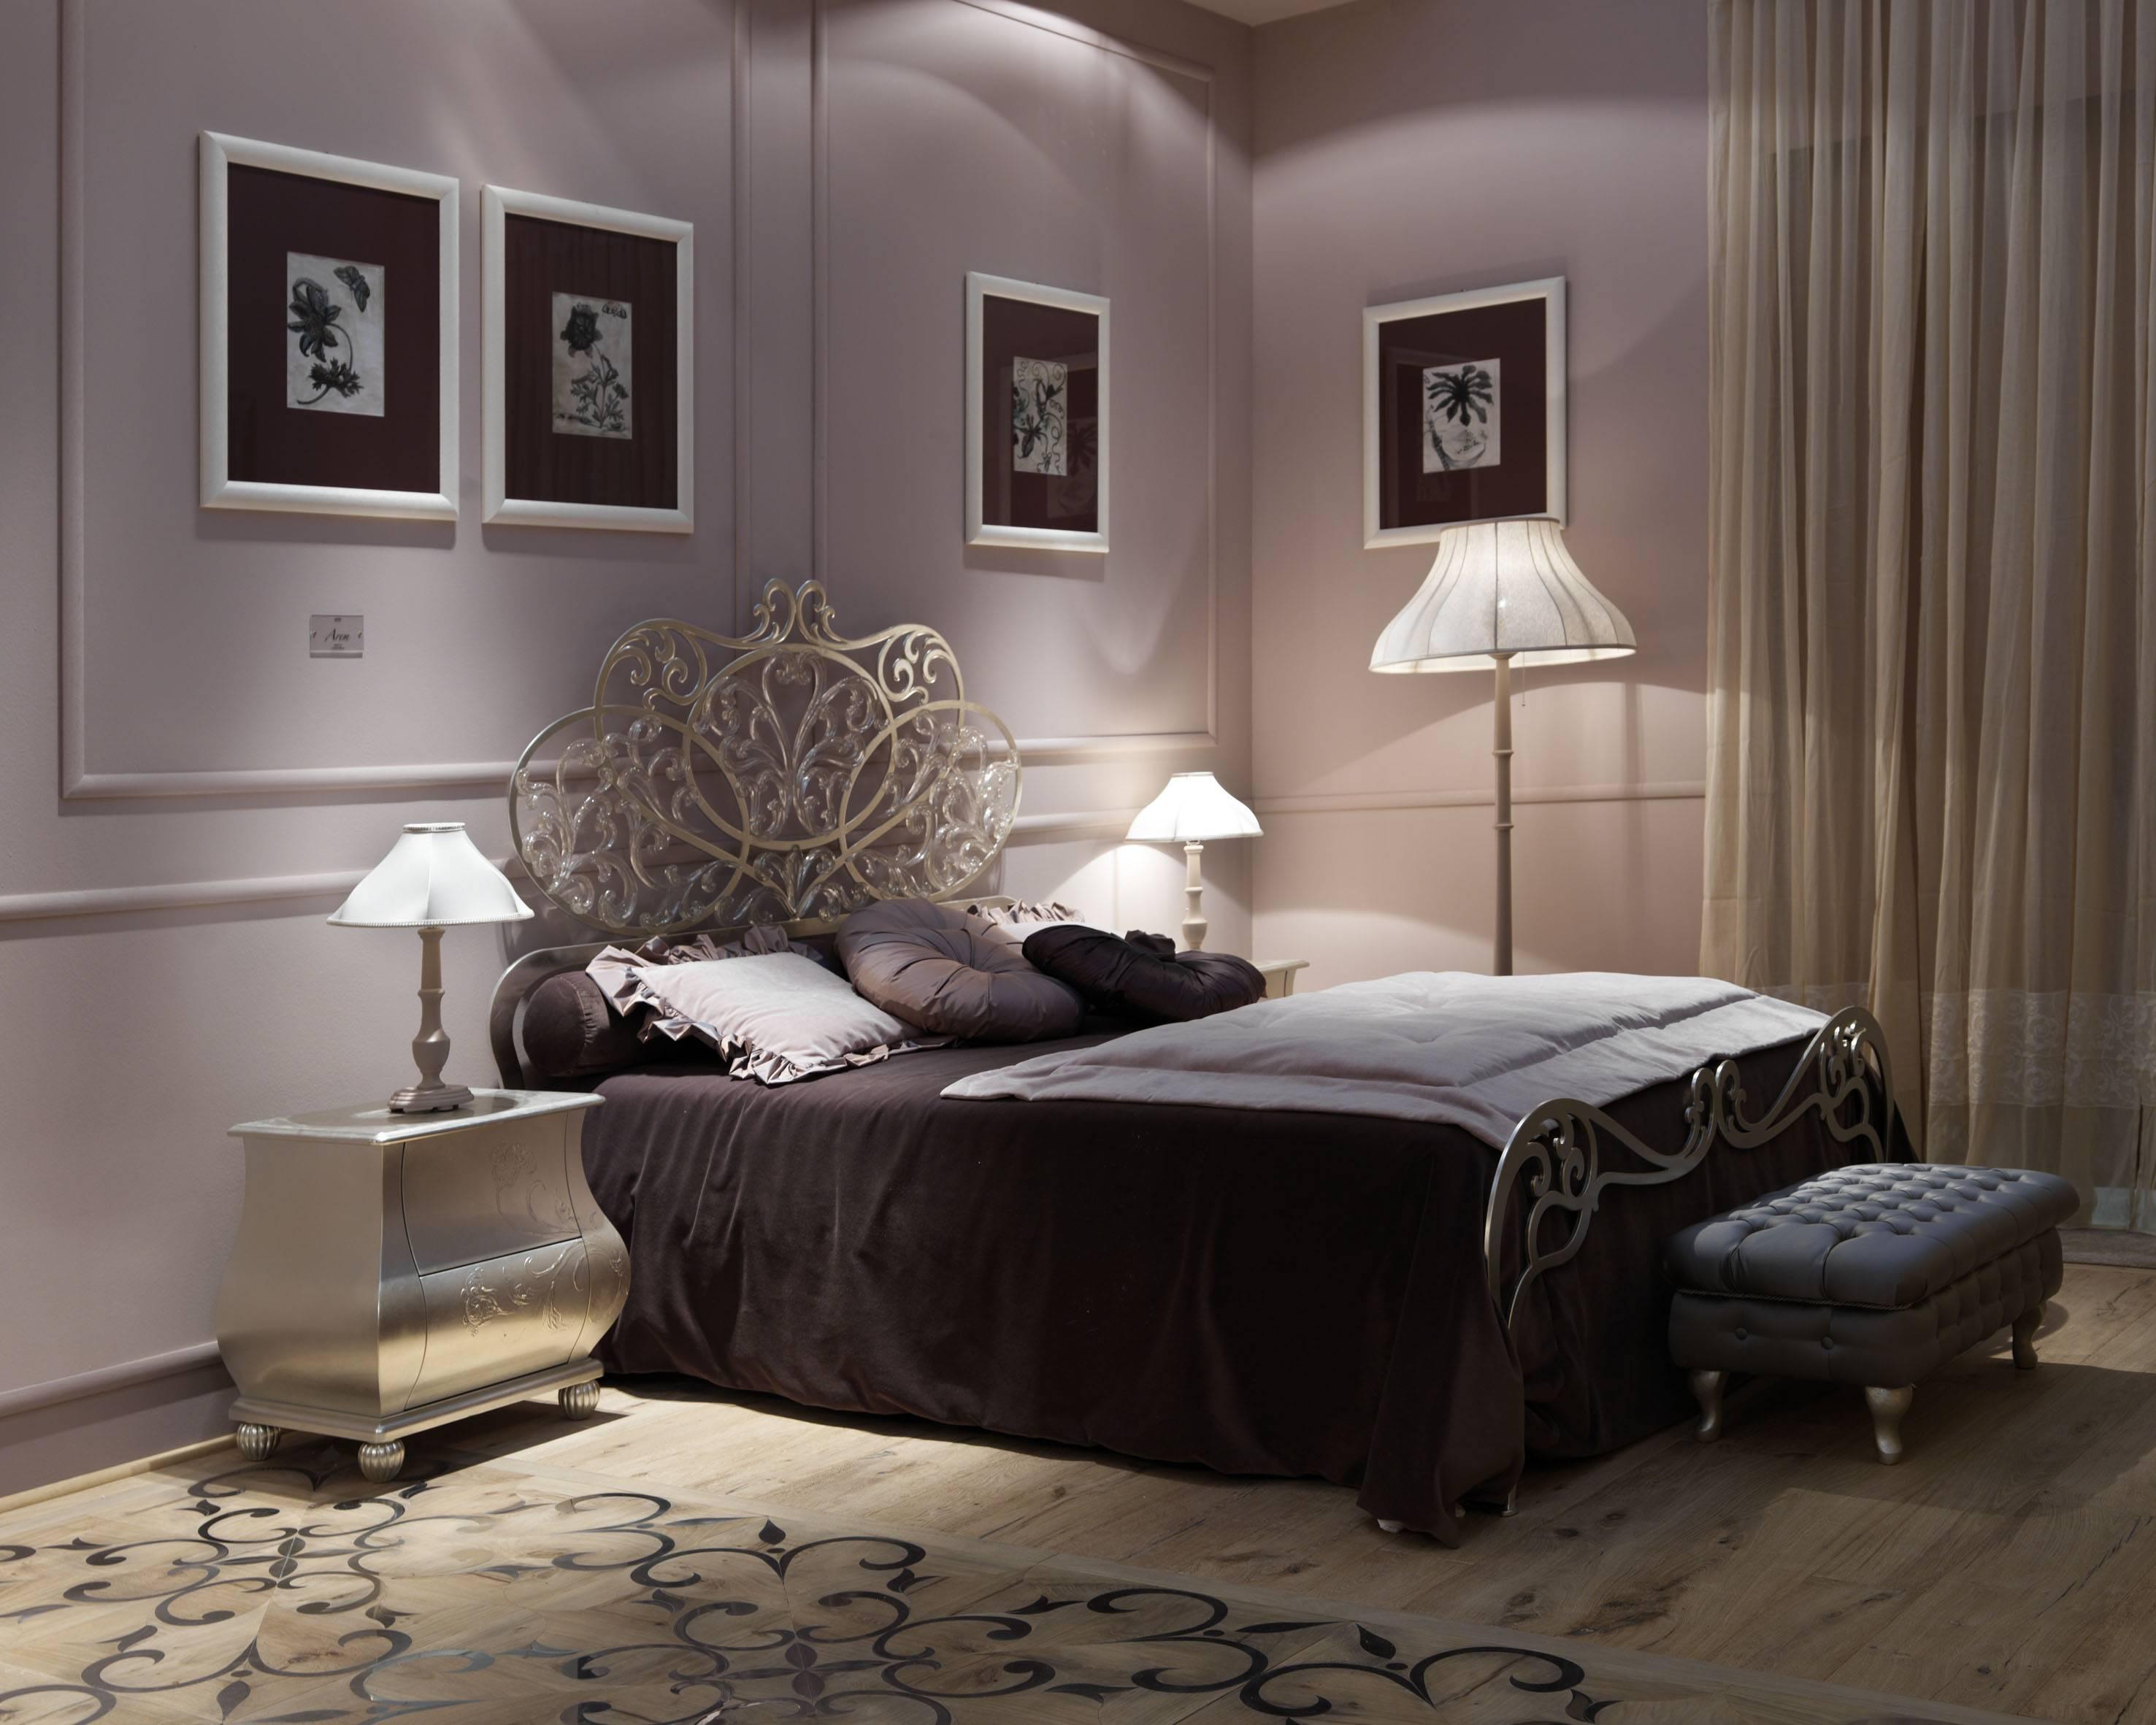 Emejing camera da letto giusti portos ideas idee for Saracino arredamenti